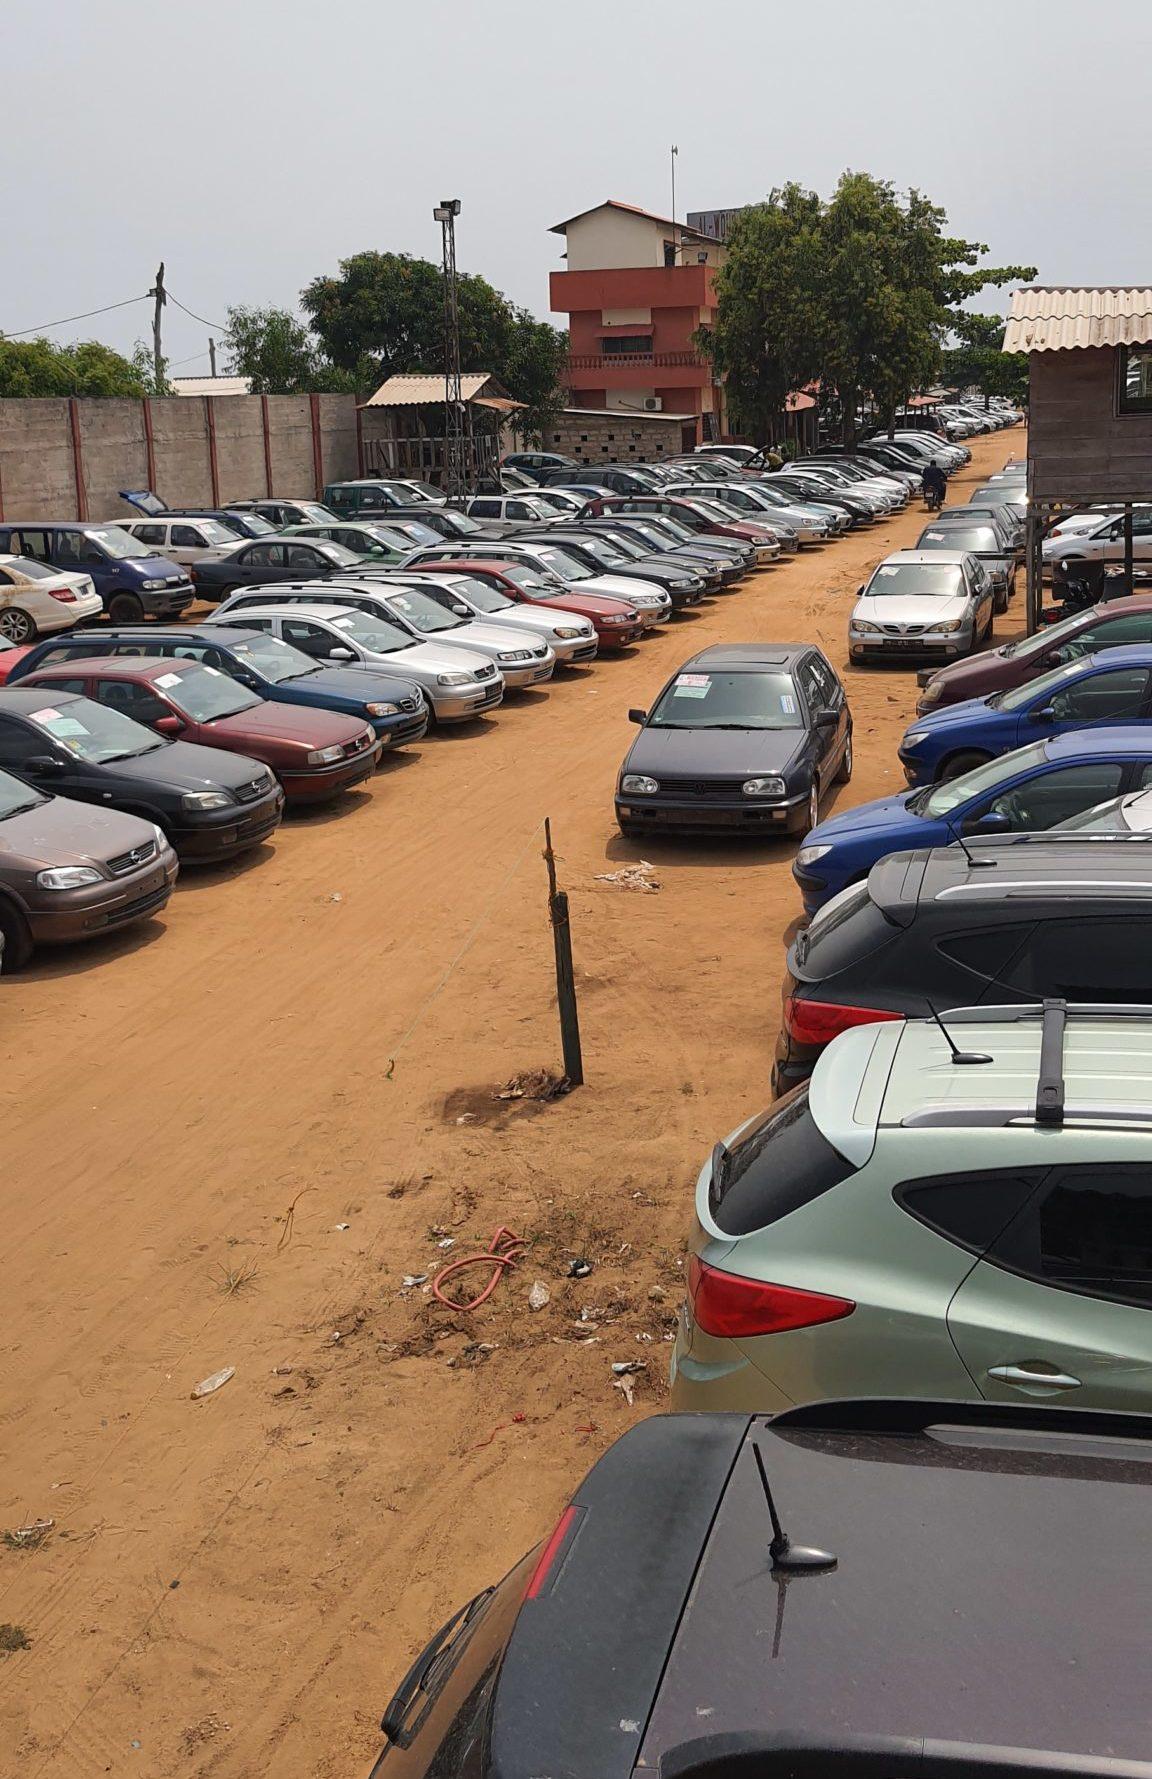 Car Market in Cotonou